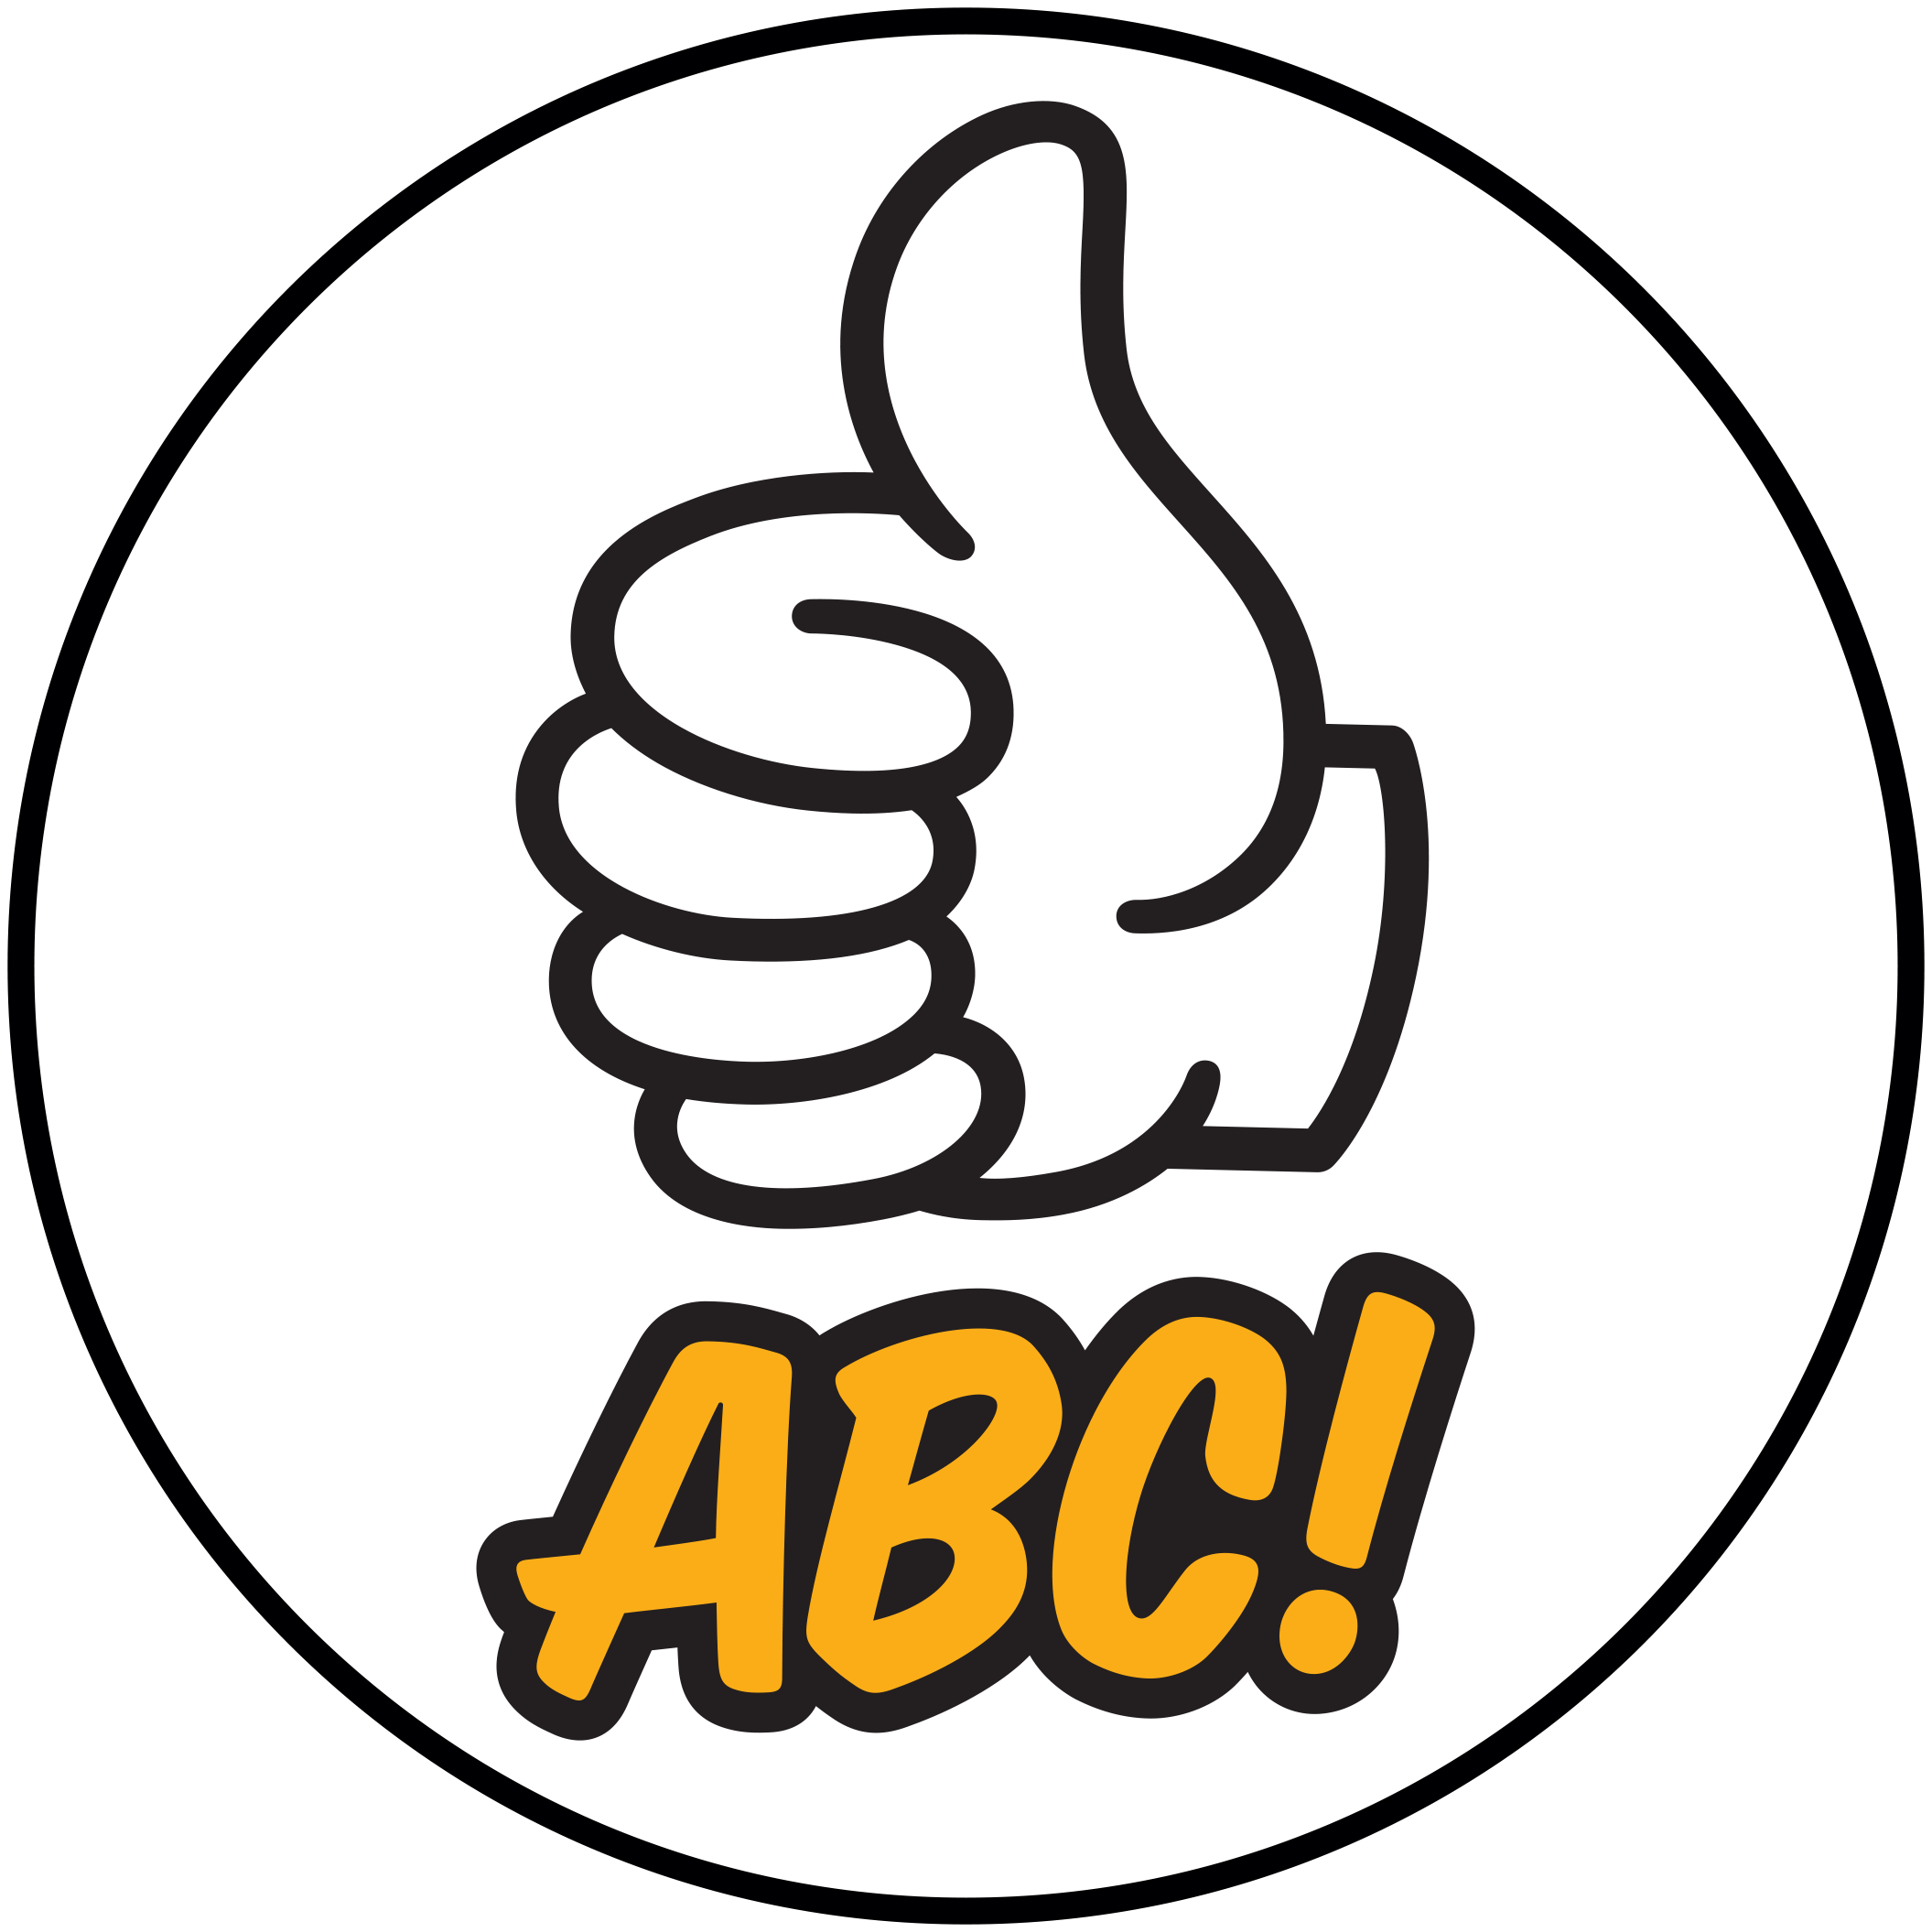 ABC Vaajakoski Jyväskylä